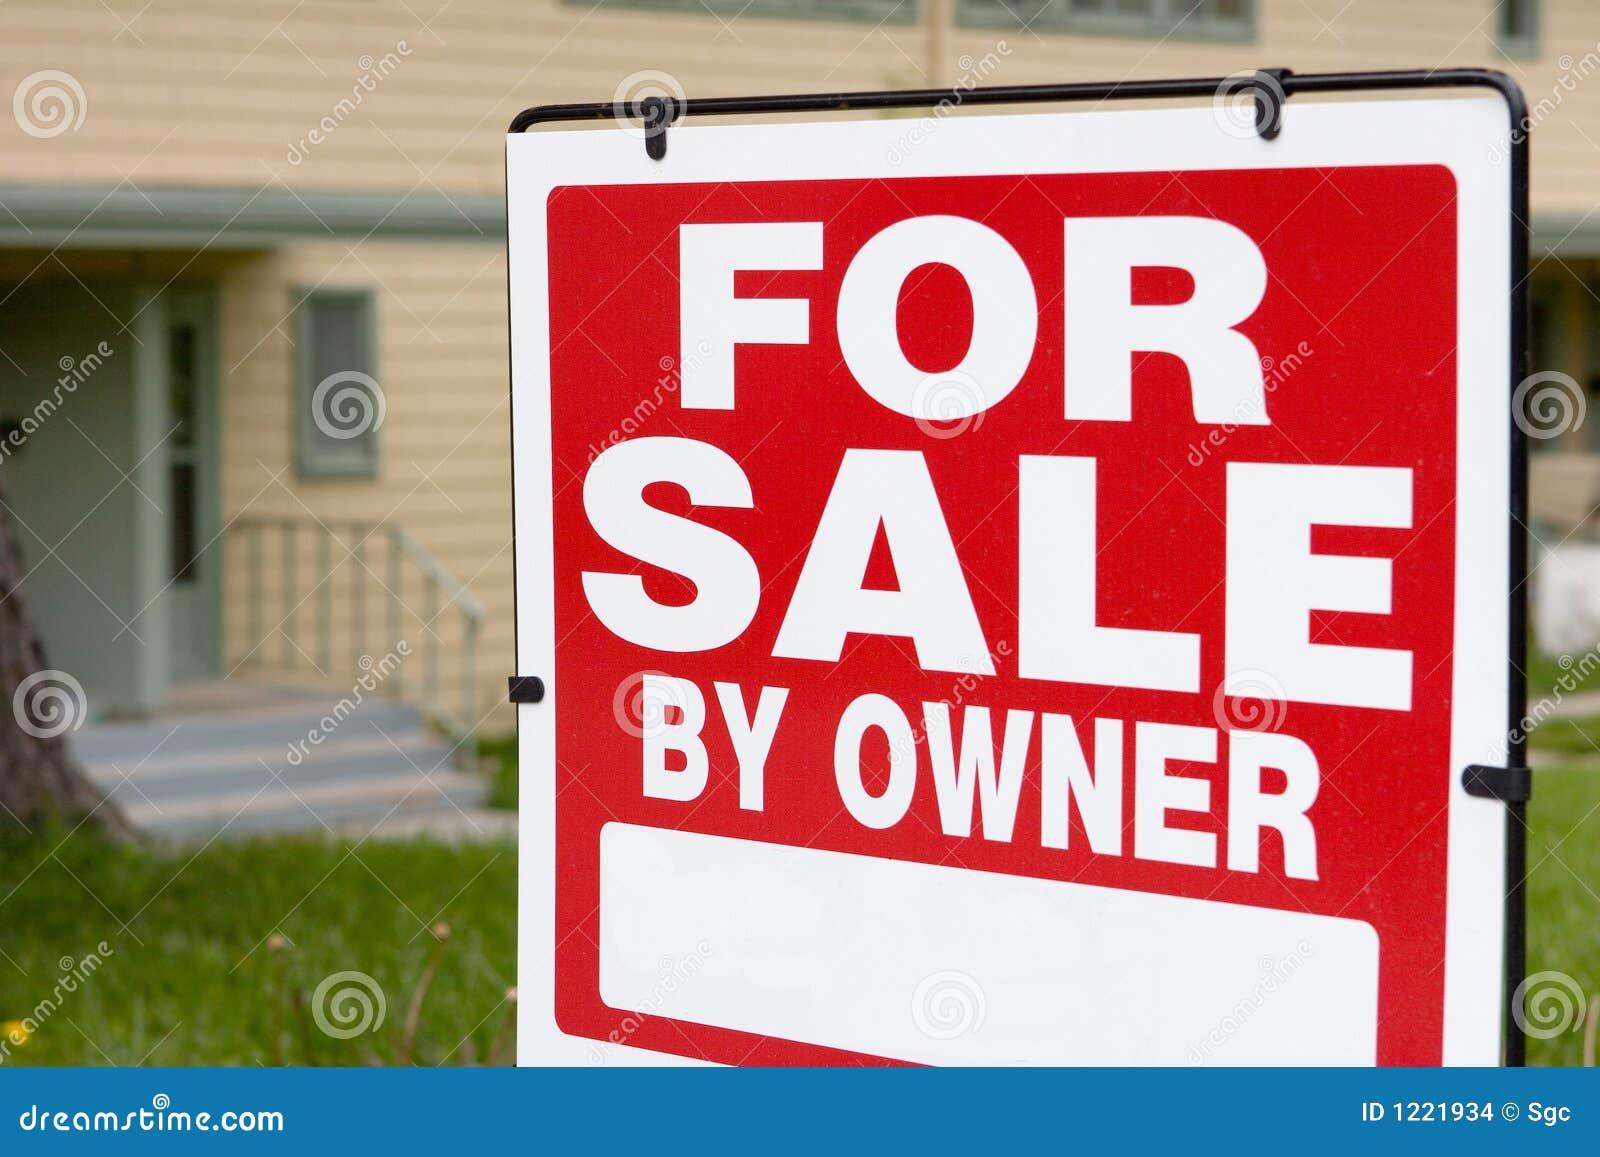 foe sale by owner